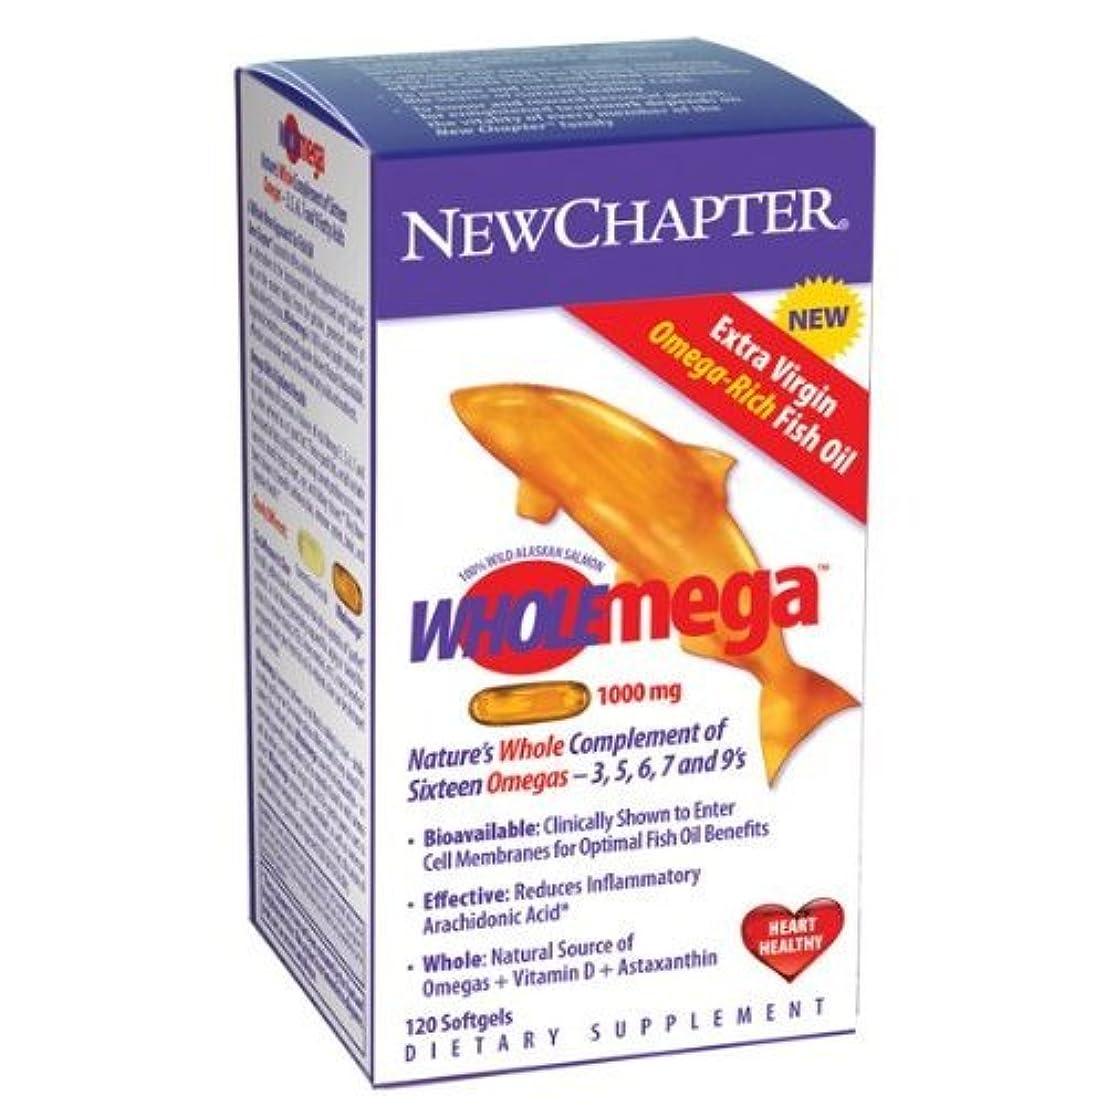 完全に乾く効果したがってNew Chapter - Wholemega 1,000 mg 120 softgels by New Chapter